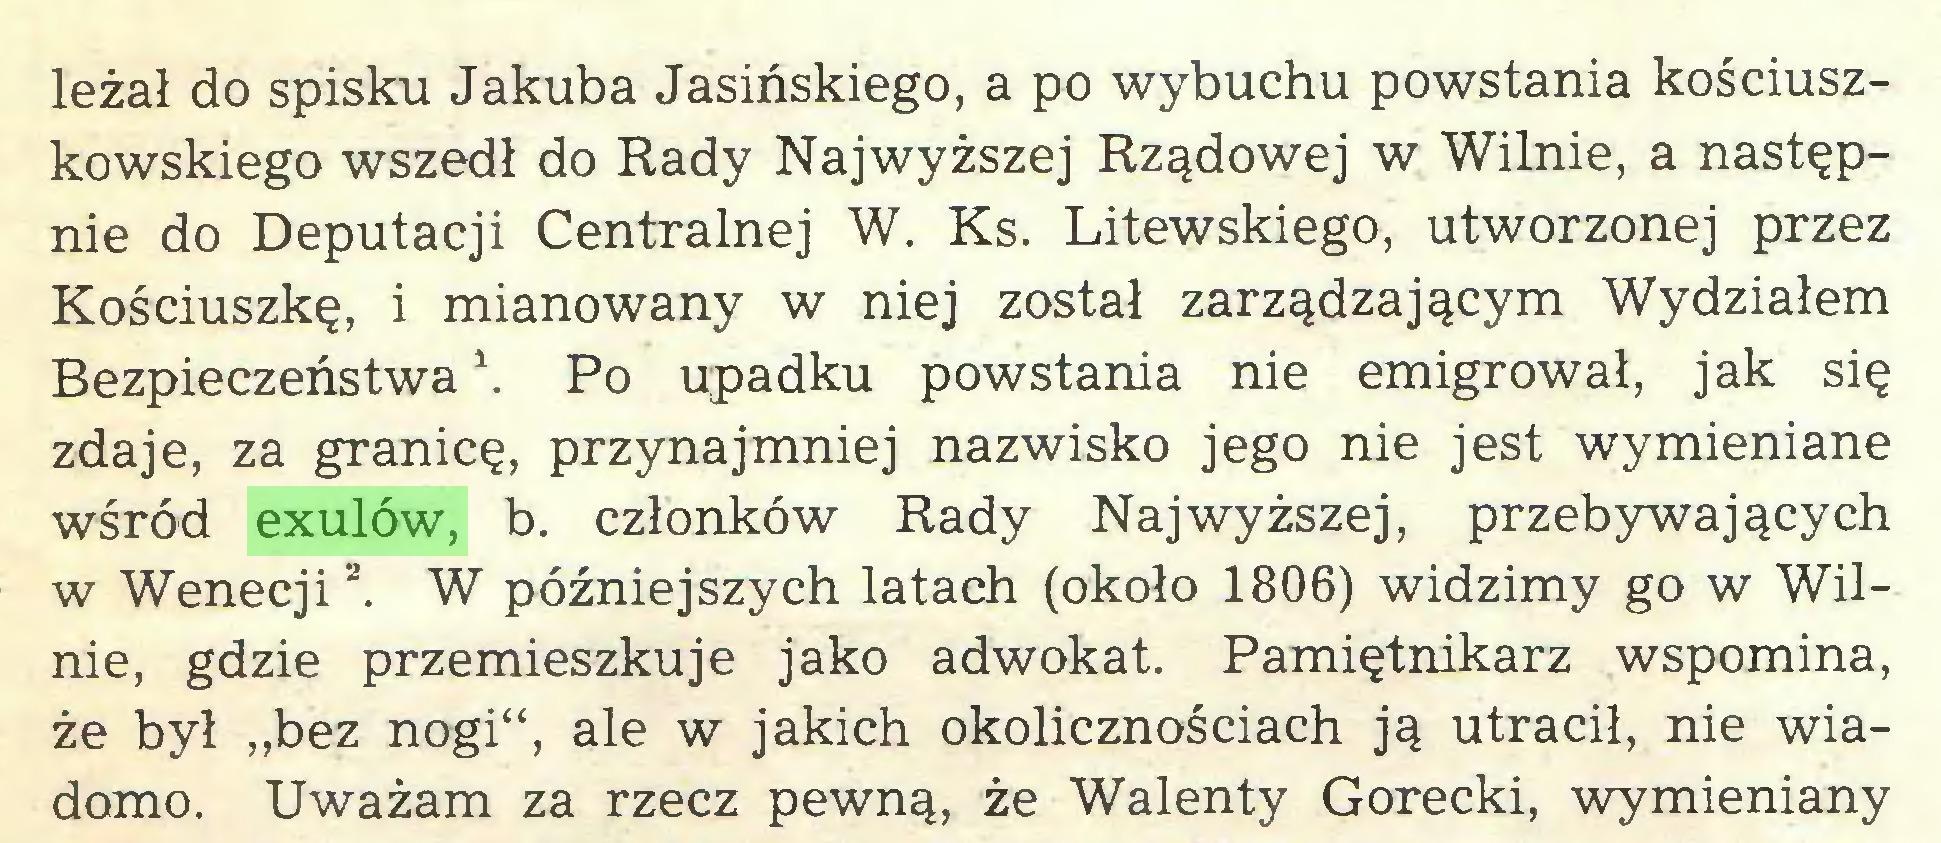 """(...) leżał do spisku Jakuba Jasińskiego, a po wybuchu powstania kościuszkowskiego wszedł do Rady Najwyższej Rządowej w Wilnie, a następnie do Deputacji Centralnej W. Ks. Litewskiego, utworzonej przez Kościuszkę, i mianowany w niej został zarządzającym Wydziałem Bezpieczeństwa \ Po upadku powstania nie emigrował, jak się zdaje, za granicę, przynajmniej nazwisko jego nie jest wymieniane wśród exulów, b. członków Rady Najwyższej, przebywających w Wenecjia. W późniejszych latach (około 1806) widzimy go w Wilnie, gdzie przemieszkuje jako adwokat. Pamiętnikarz wspomina, że był """"bez nogi"""", ale w jakich okolicznościach ją utracił, nie wiadomo. Uważam za rzecz pewną, że Walenty Górecki, wymieniany..."""